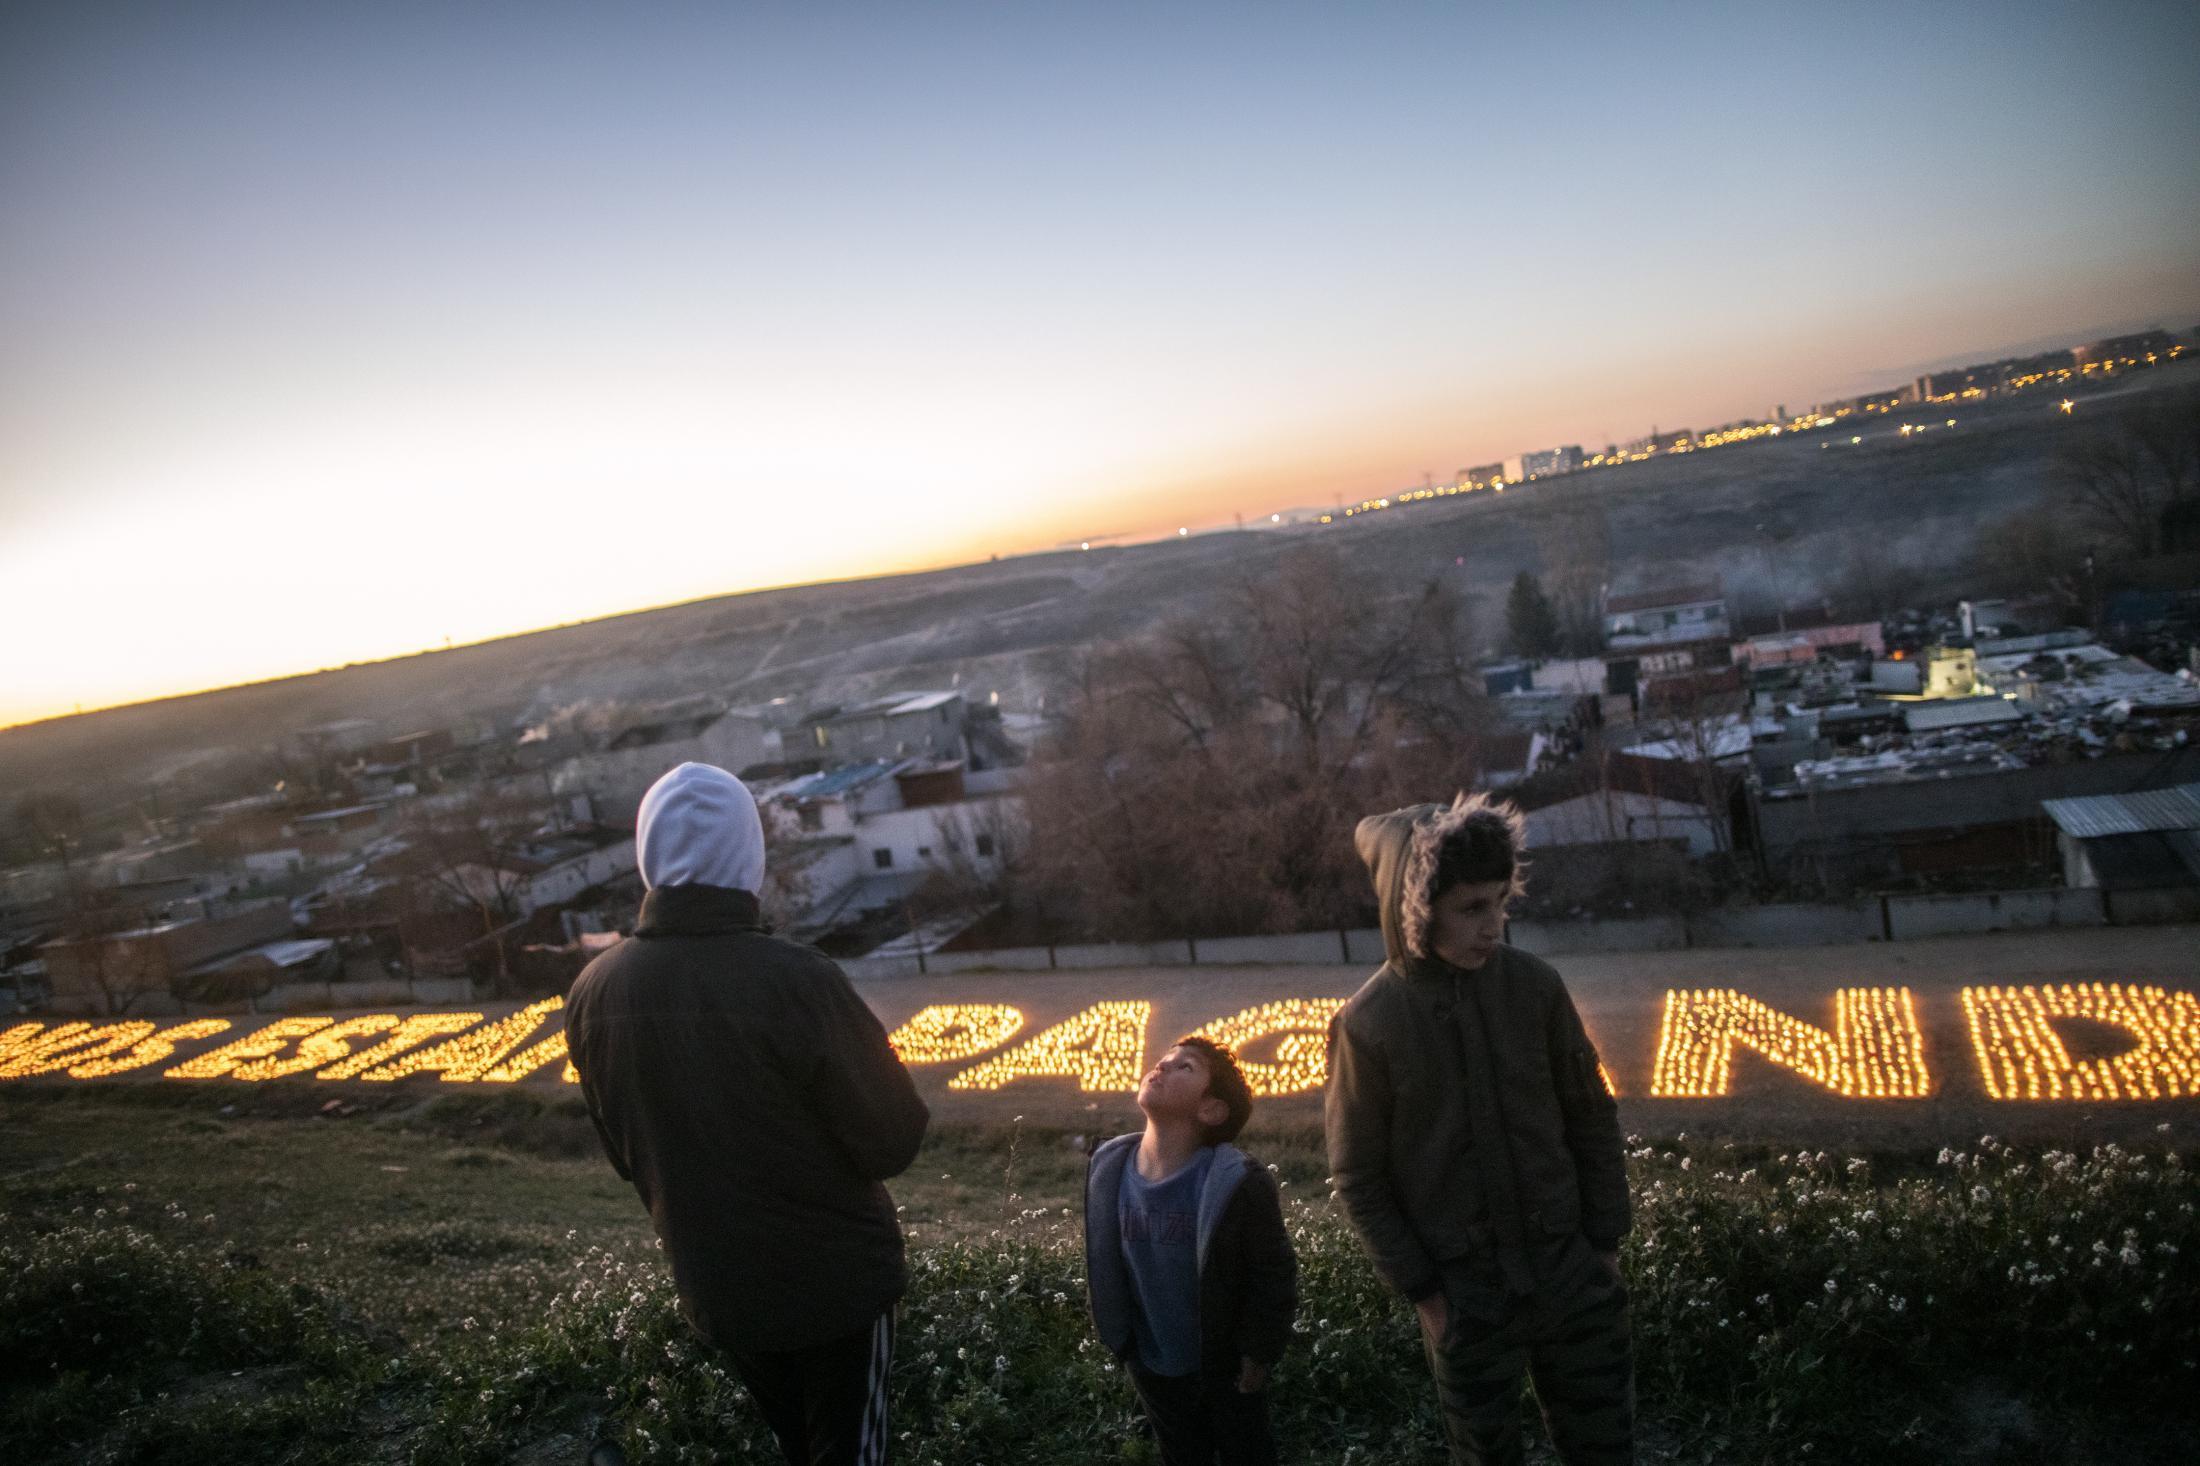 Tres j—venes ven desde lo alto de la colina del Sector VI las velas donde se lee: 'Nos est‡n apagando' . Una acci—n realizada conjuntamente por la asociaci—n de mujeres Tabadol y el grupo de artistas Boa Mistura